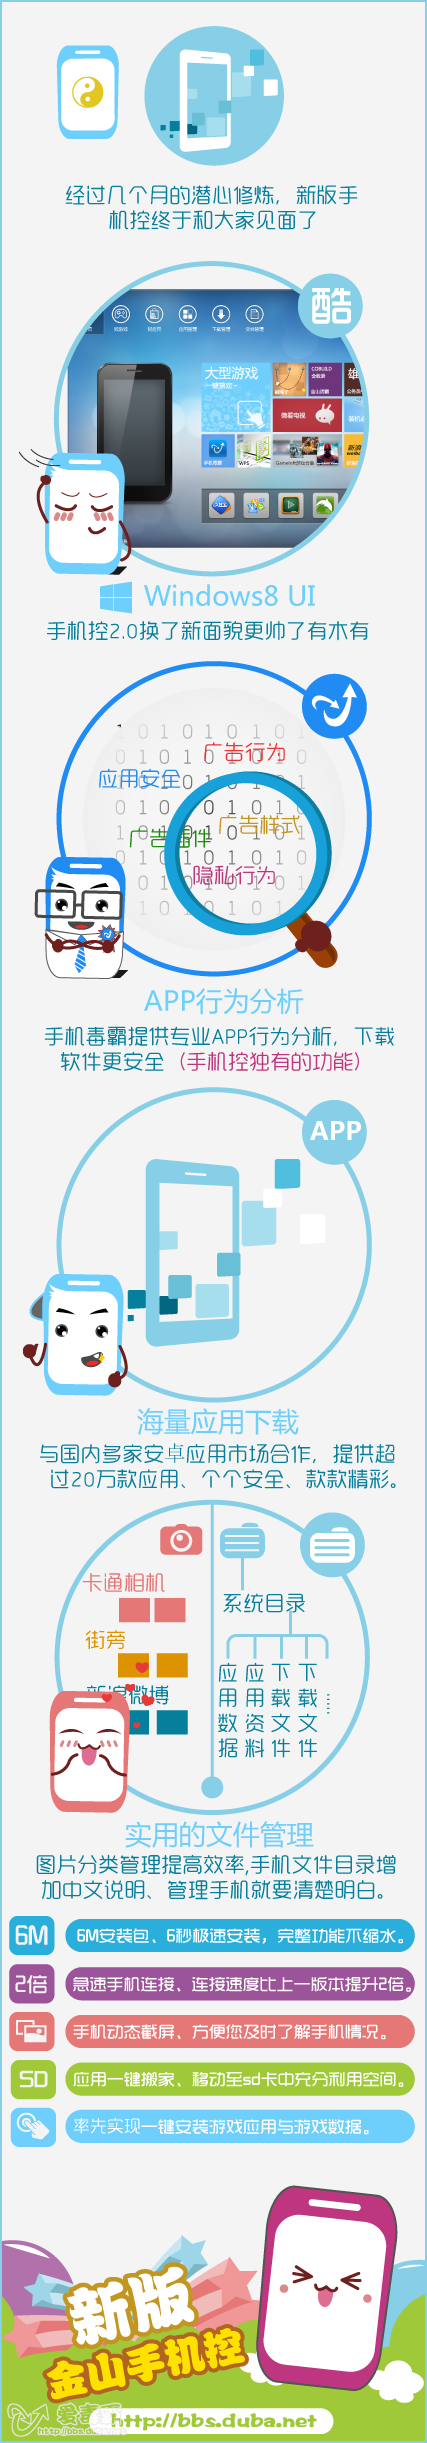 手机控漫画(1).png